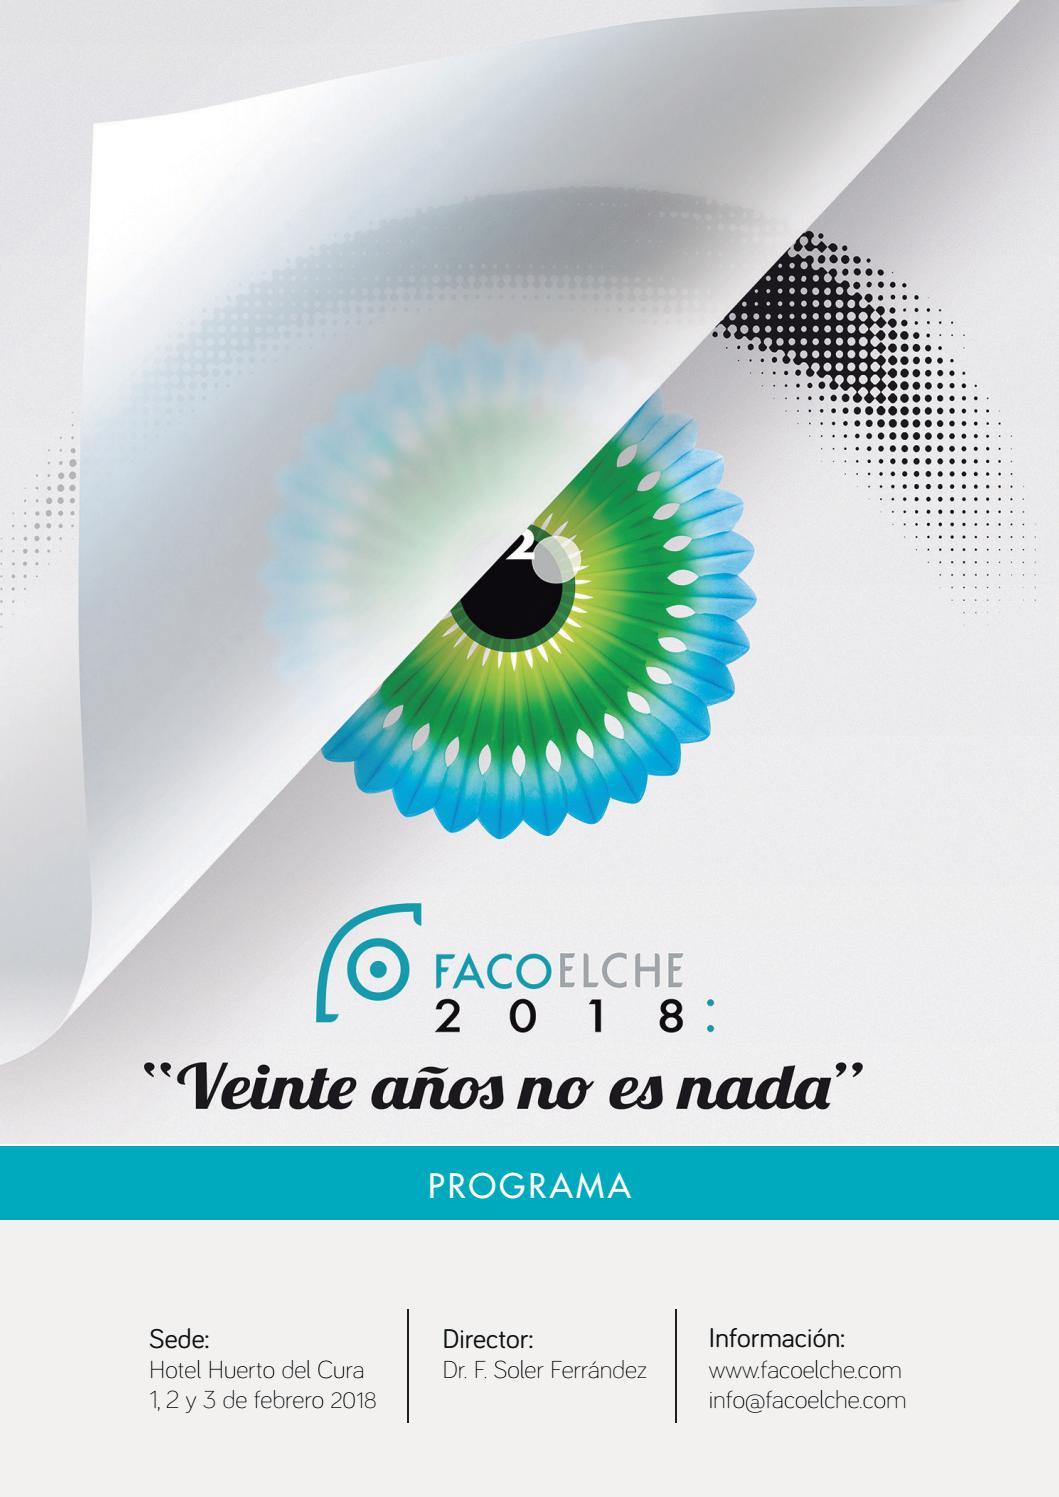 fac3106c4af2f FacoElche 2018  Veinte años no es nada • Programa Final by FacoElche - issuu